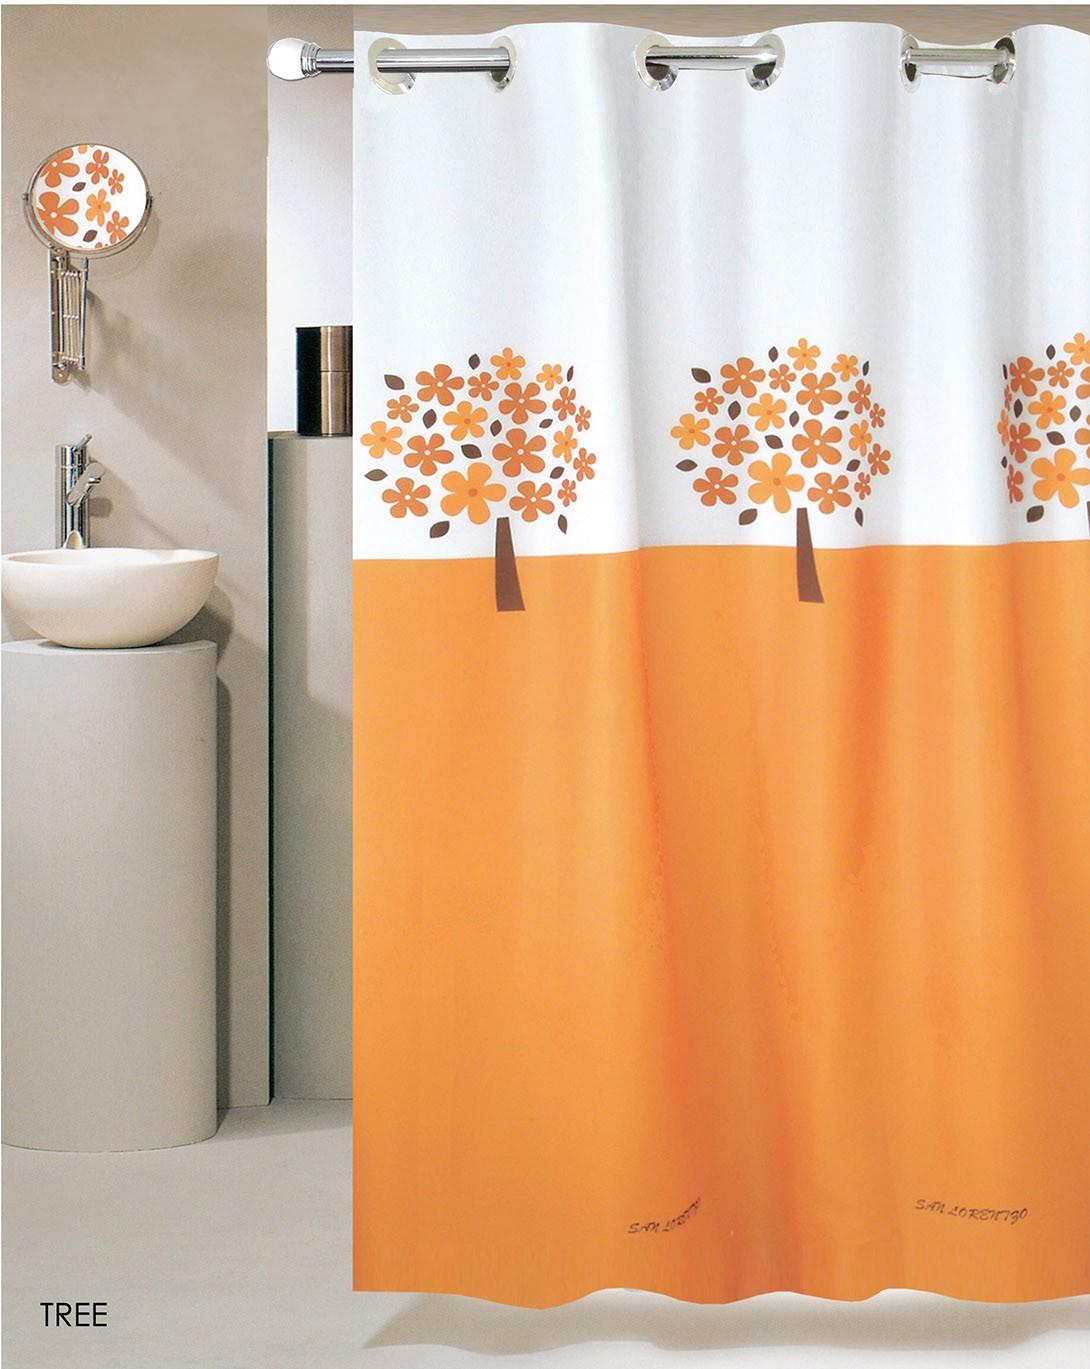 Κουρτίνα Μπάνιου Με Τρουκς San Lorentzo Tree Orange